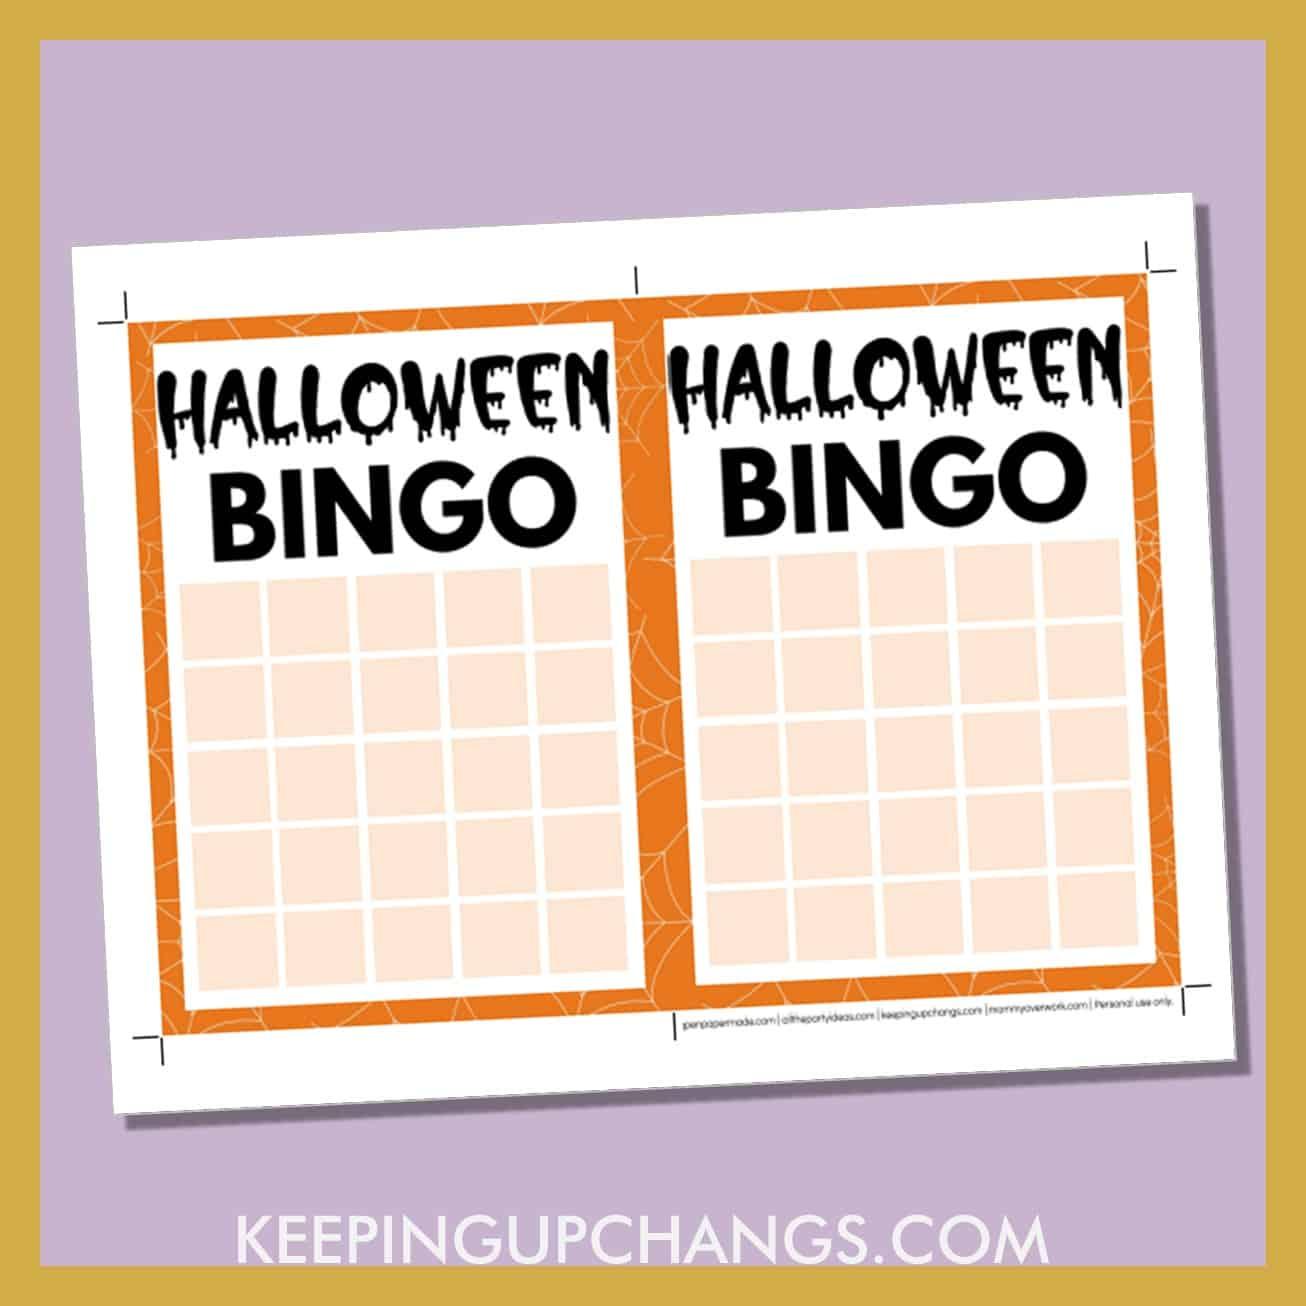 free halloween bingo 5x5 grid game board blank template.